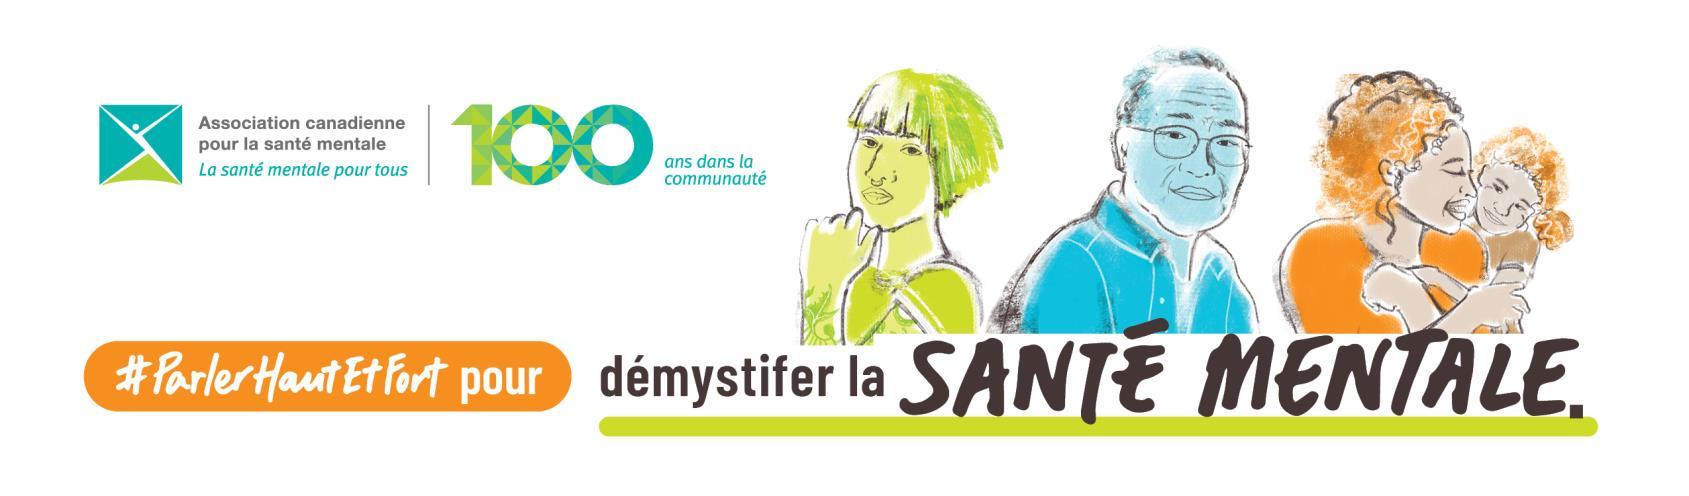 Messages clés de la Semaine de la santé mentale de l'ACSM